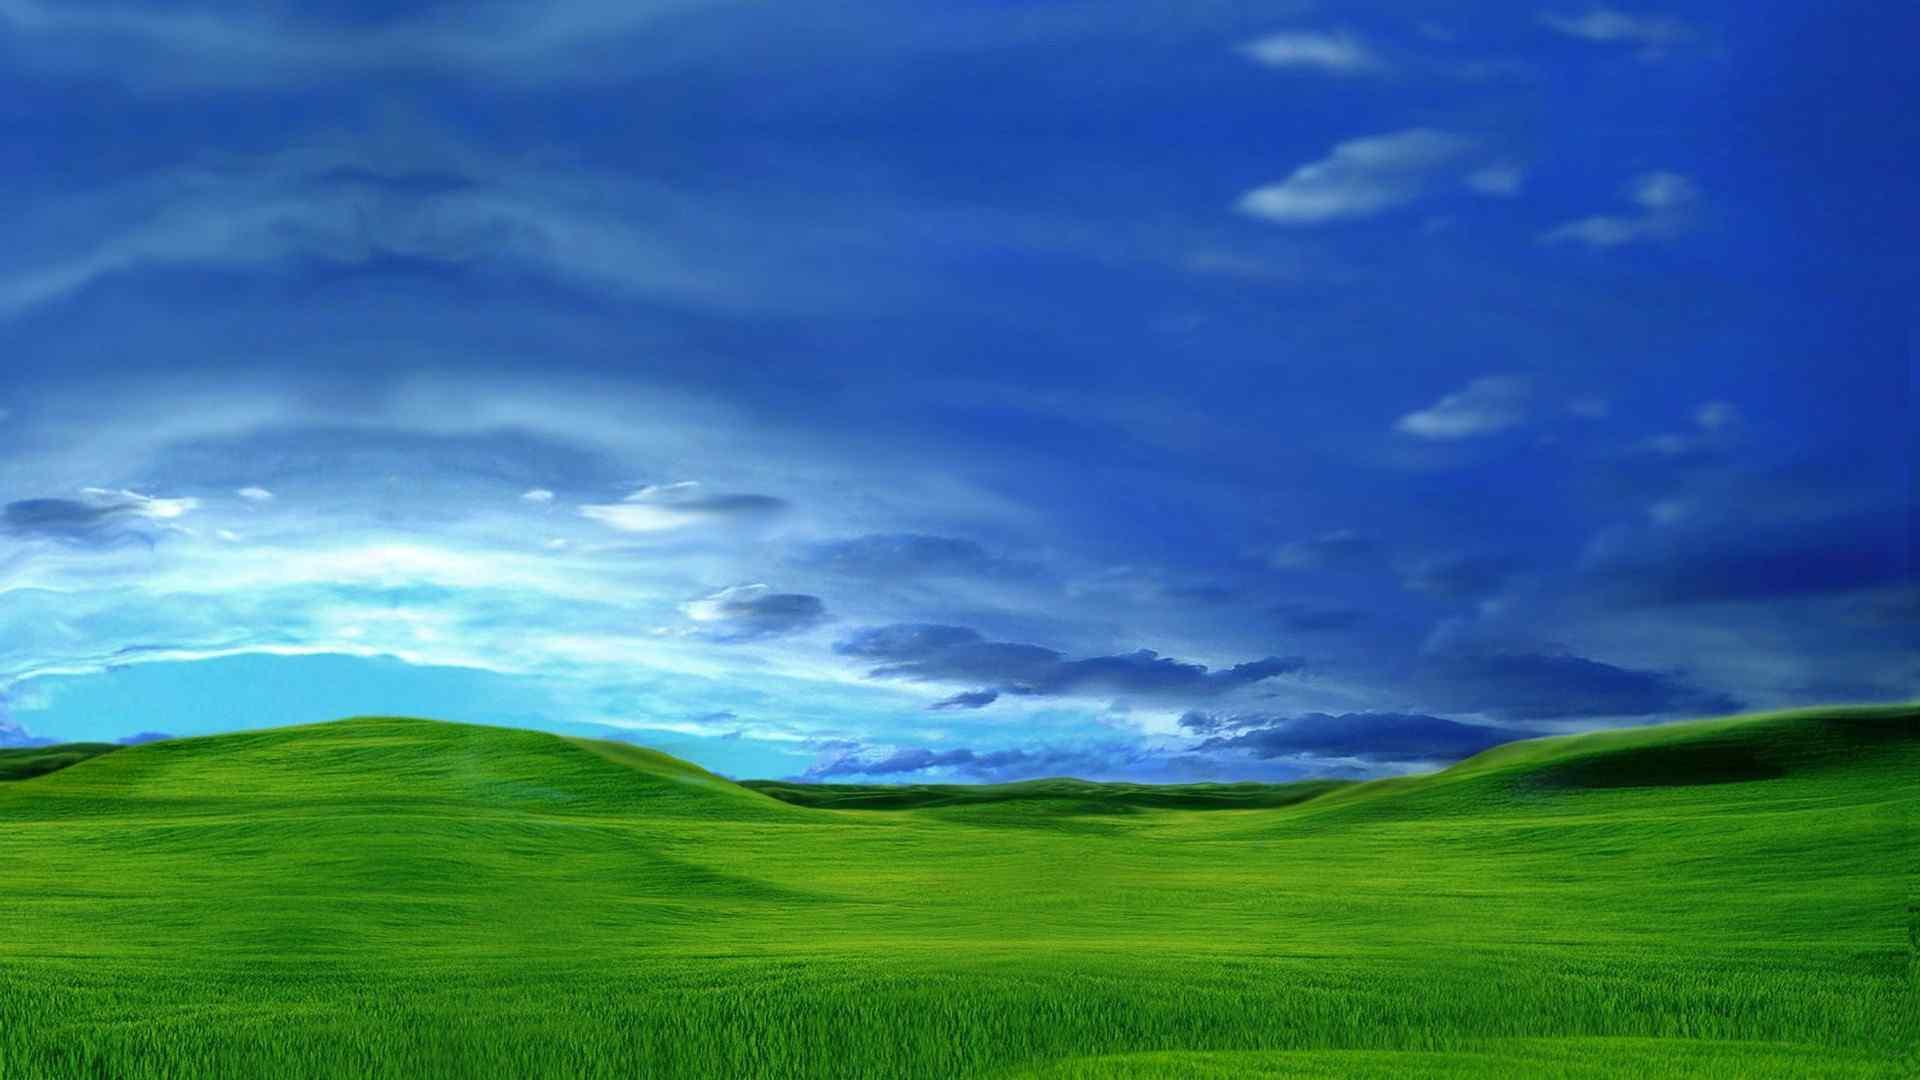 绿色草地蓝色天空壁纸下载